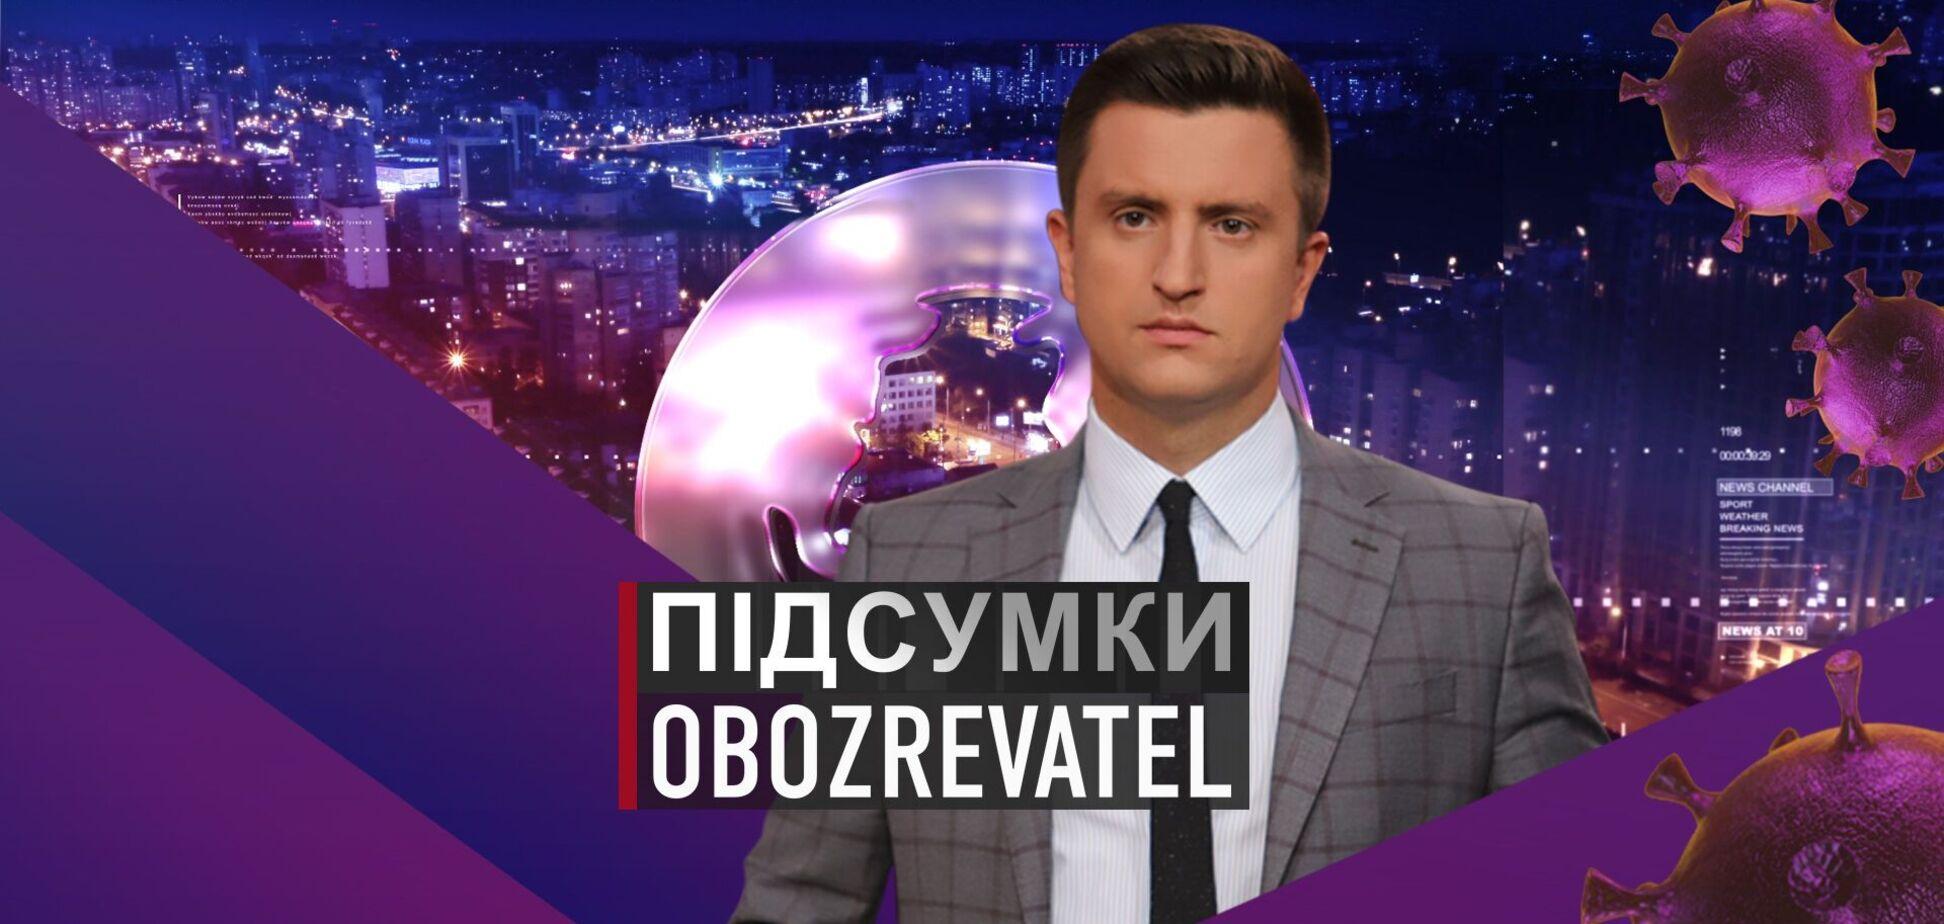 Підсумки с Вадимом Колодийчуком. Среда, 10 августа